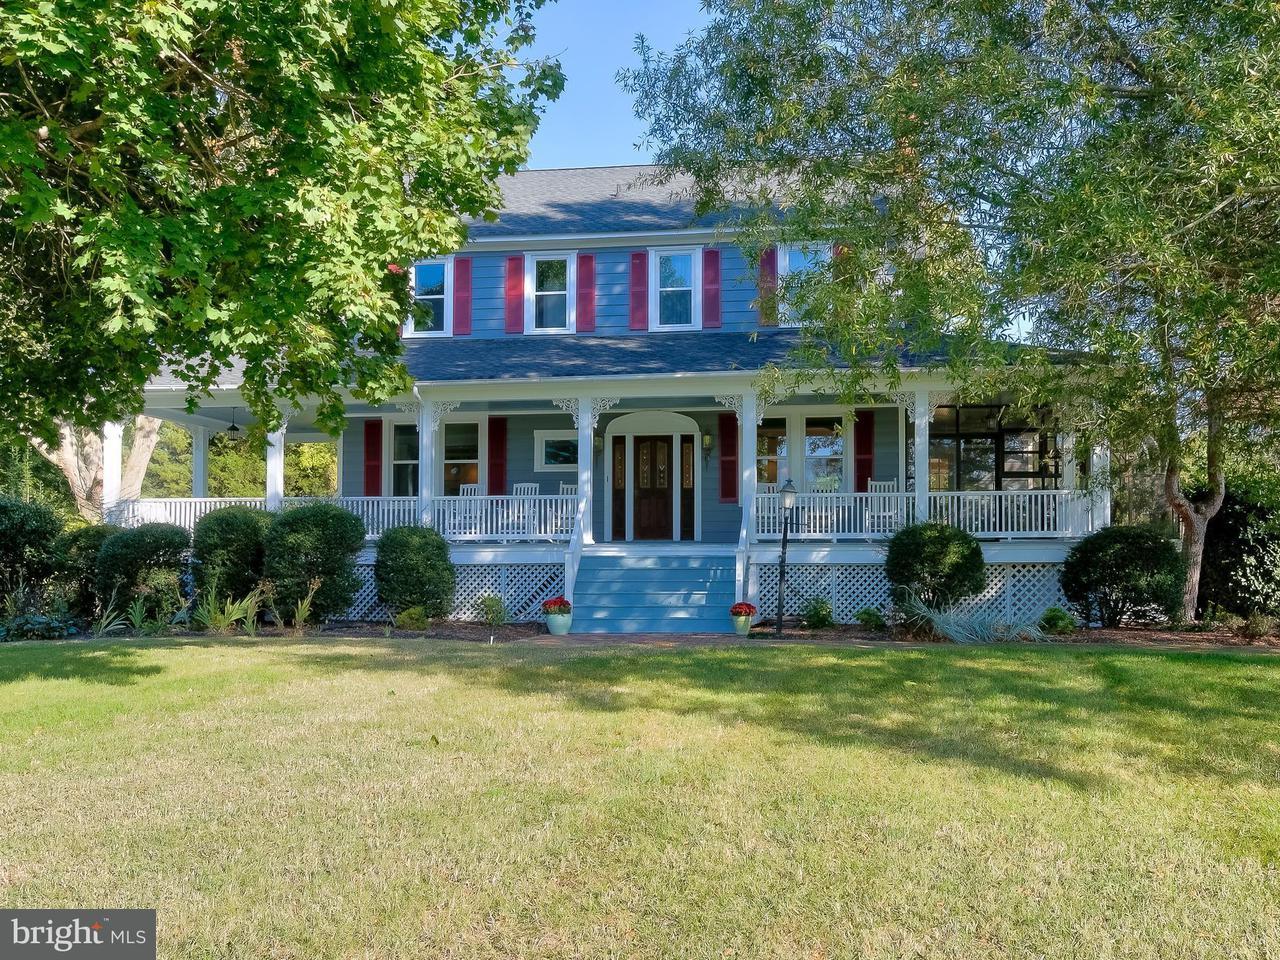 Maison unifamiliale pour l Vente à 5916A DEALE CHURCHTON Road 5916A DEALE CHURCHTON Road Deale, Maryland 20751 États-Unis